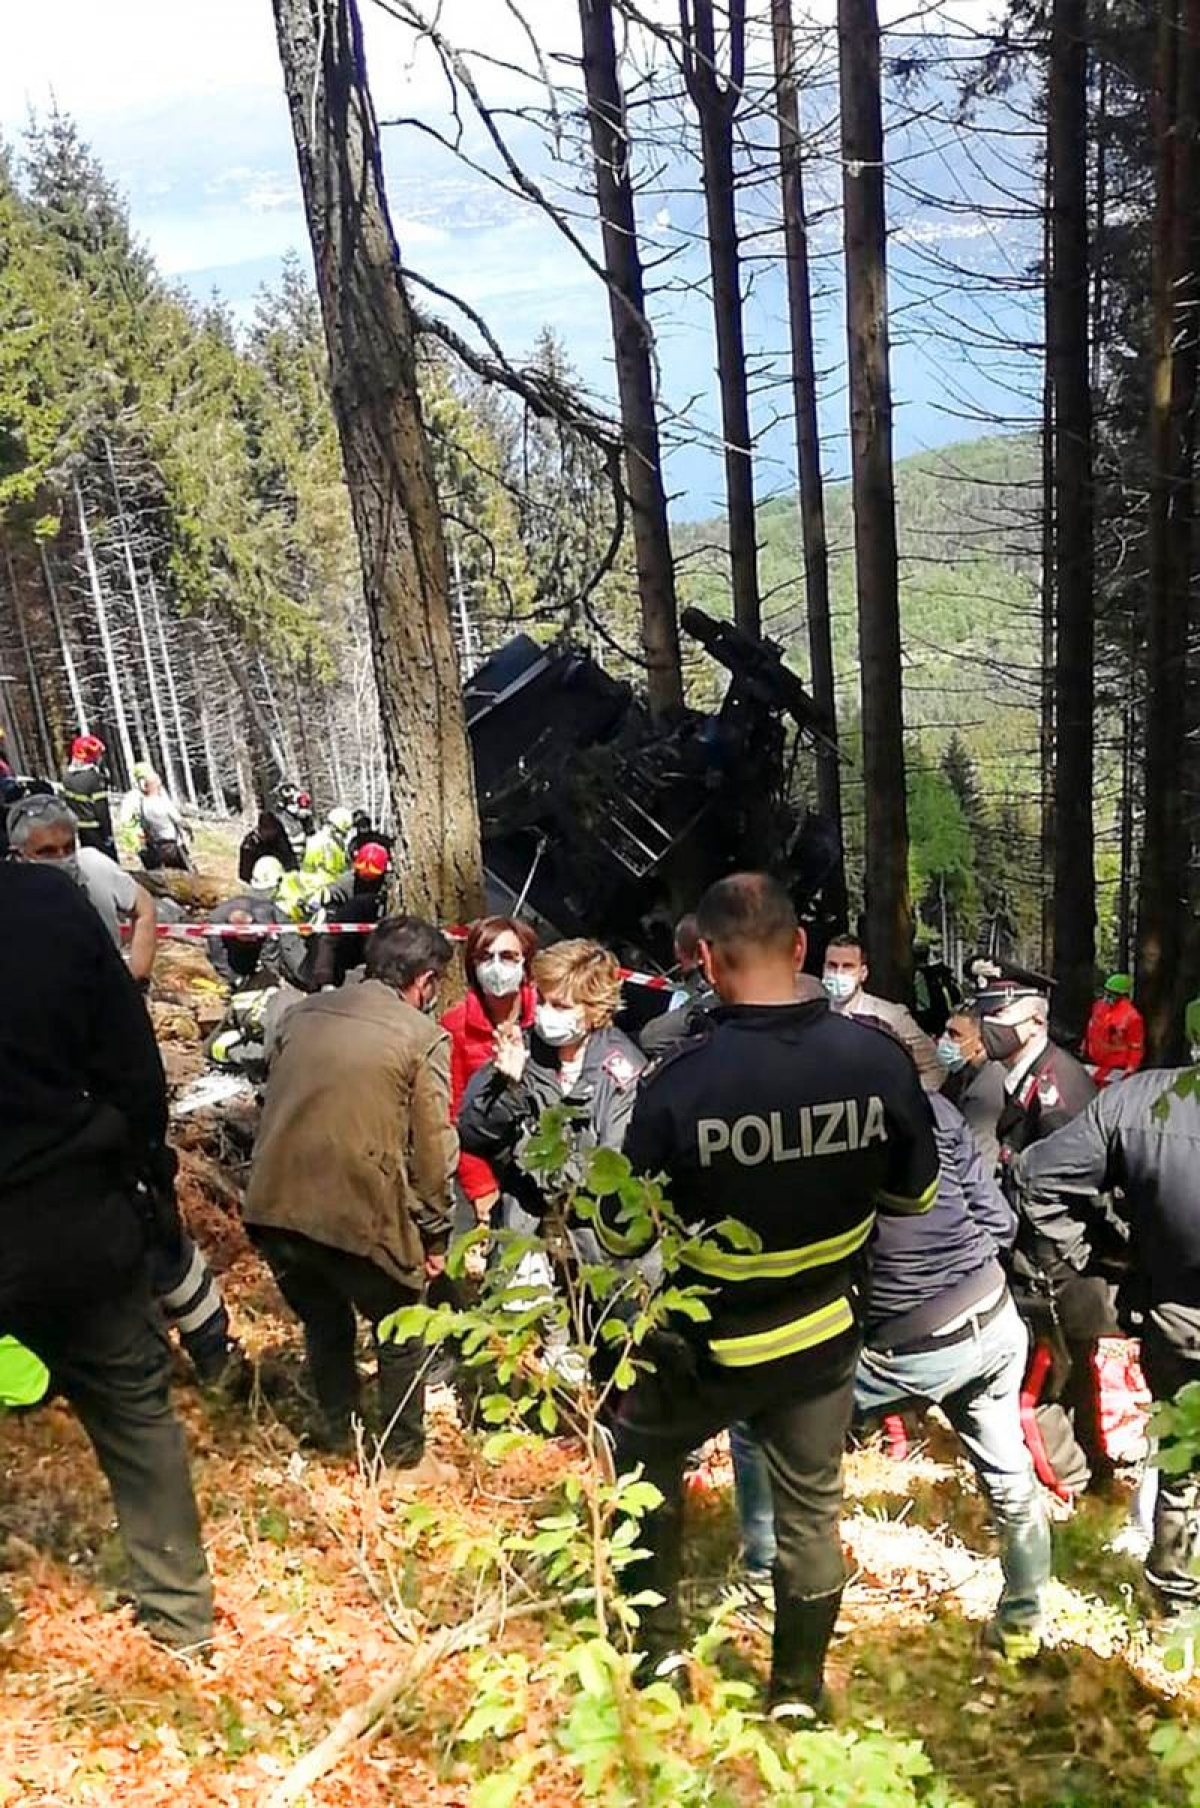 Lực lượng cứu hộ, cảnh sát… phải đeo khẩu trang trong bối cảnh Covid-19 và có nhiều thi thể nạn nhân tai nạn quanh đây. Ảnh: Cảnh sát Italy.